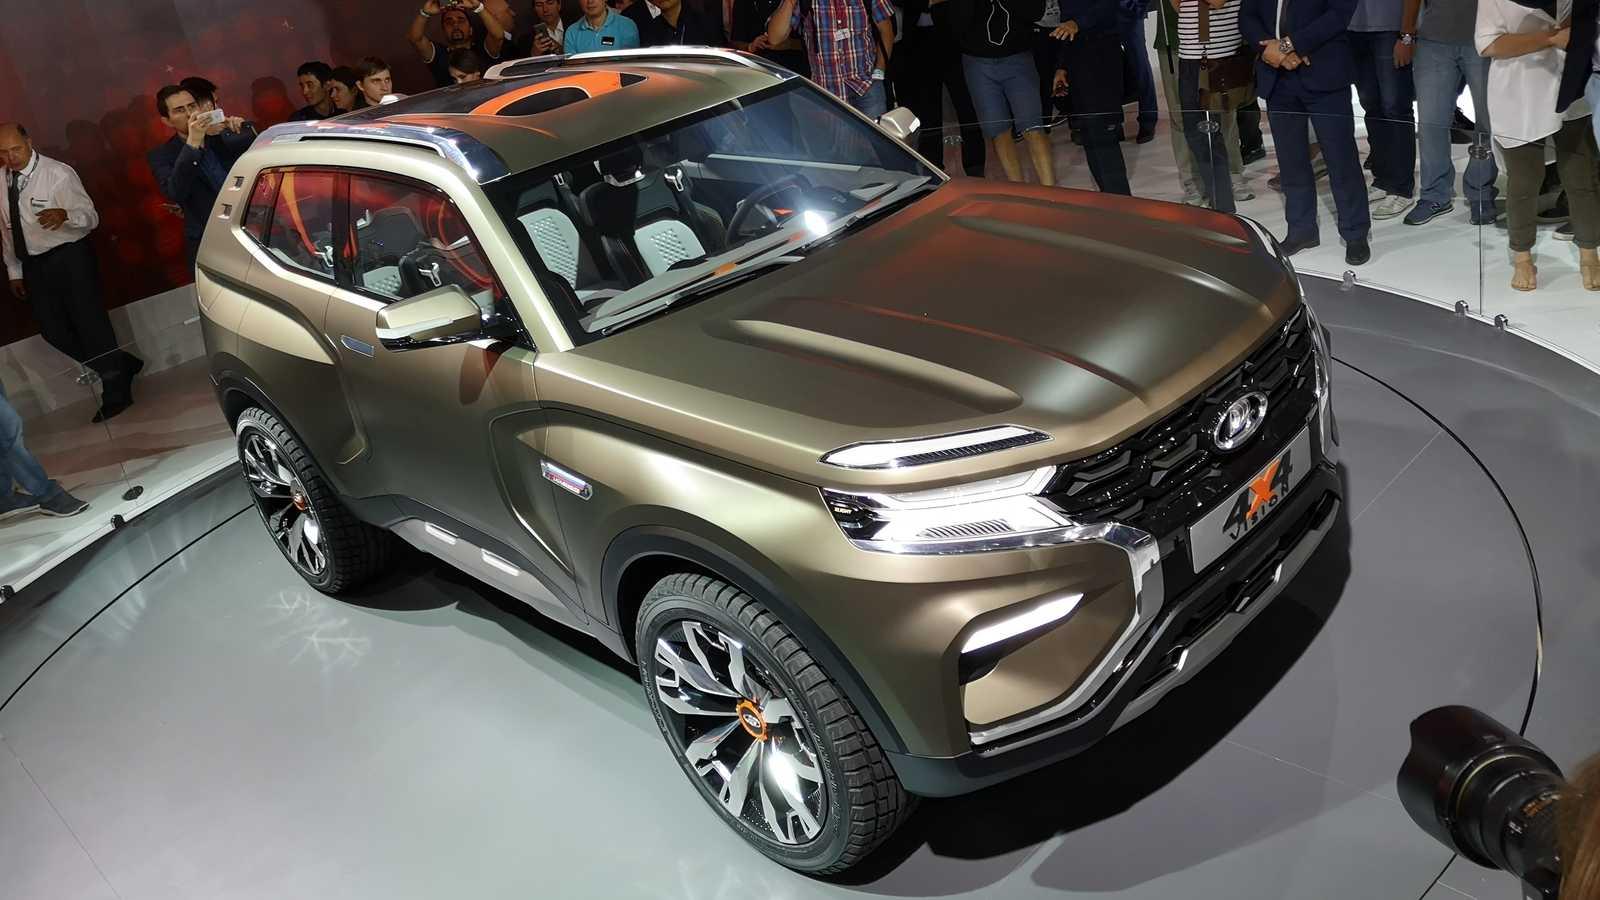 Шевроле нива 2020 новый кузов, цены, комплектации, фото, видео тест-драйв